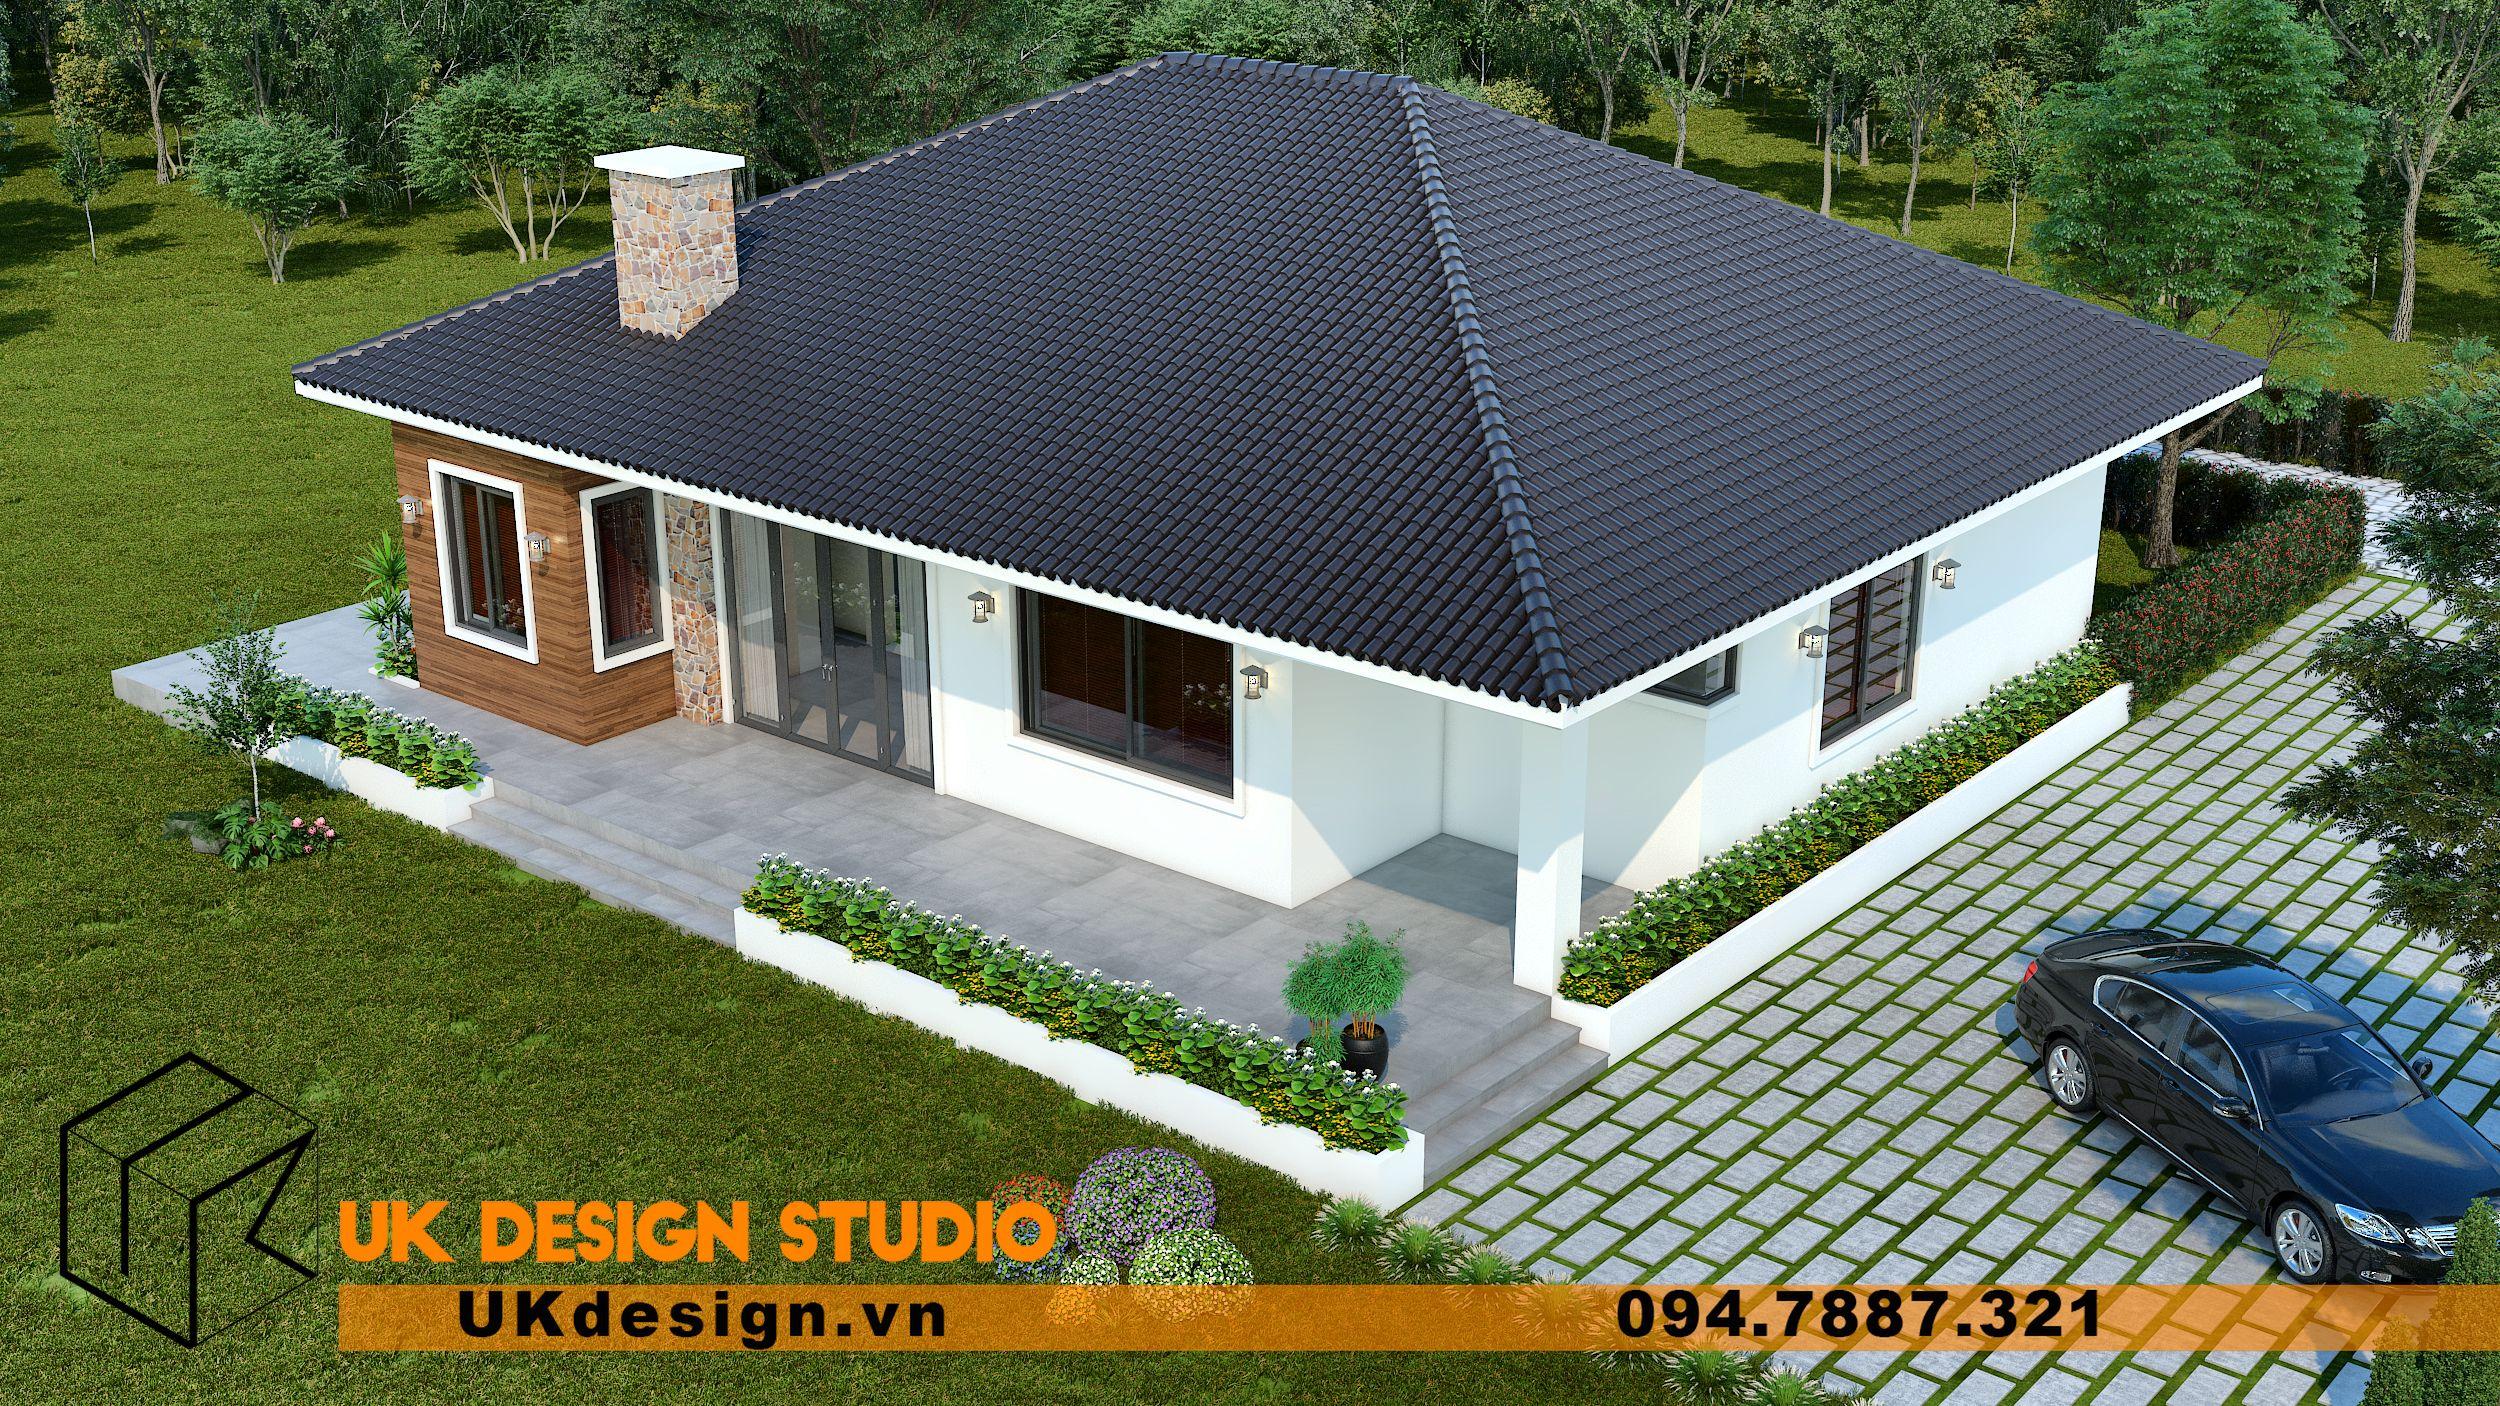 Thiết kế biệt thự nhà vườn nghỉ dưỡng 1 tầng 1